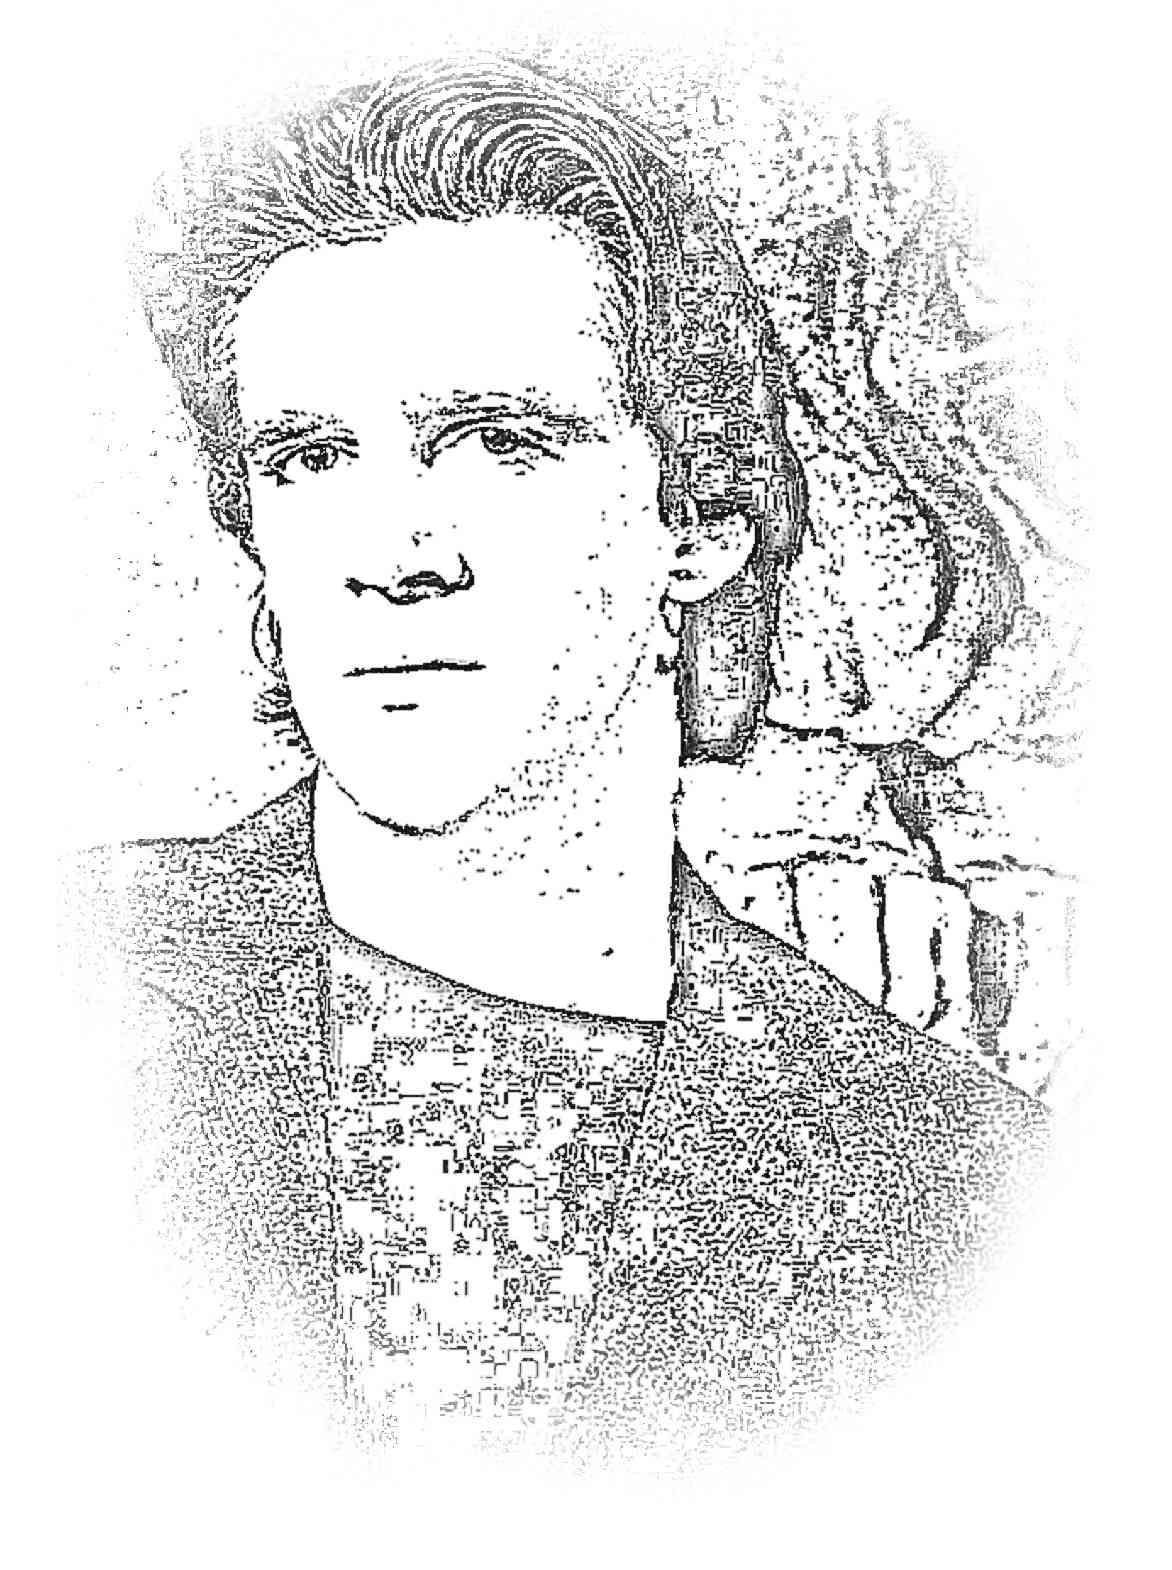 Автопортрет героя Полтергейста